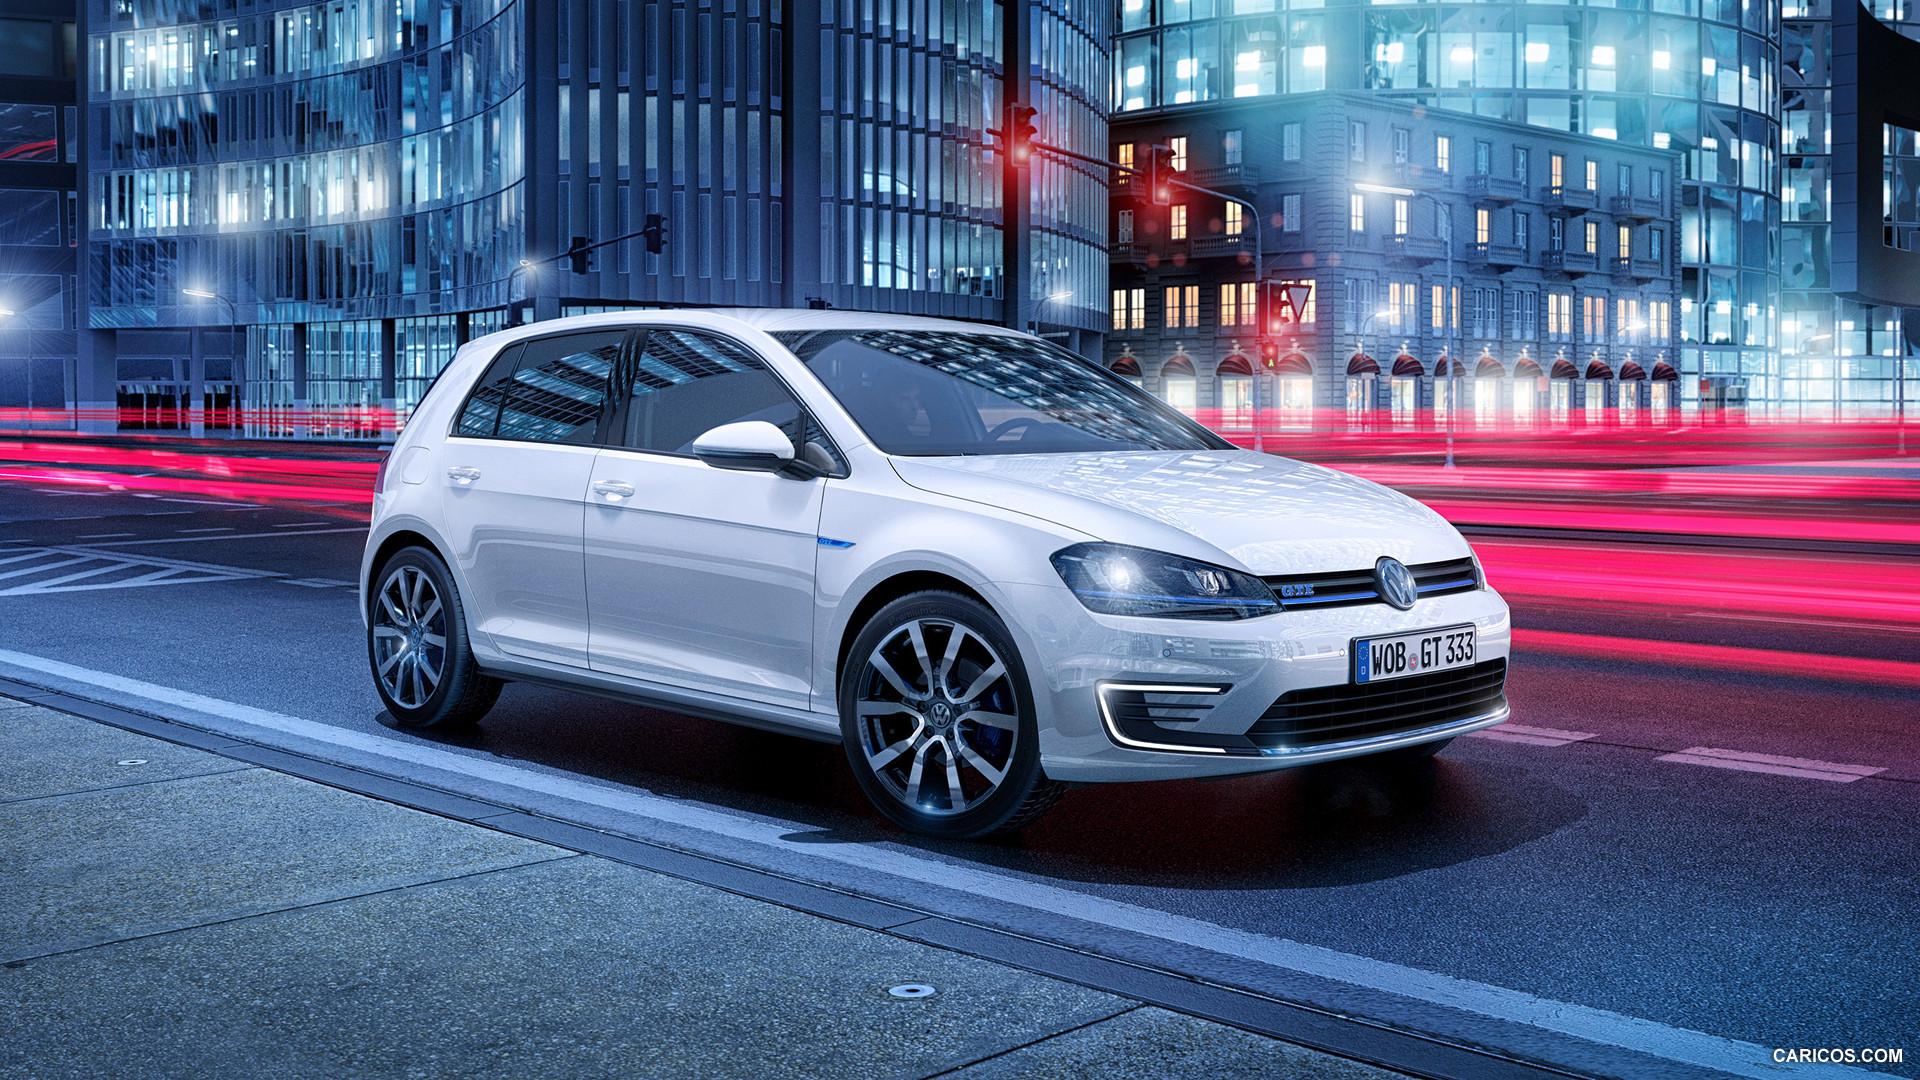 De beste laadpaal voor een Volkswagen Golf GTE? - ENGIE